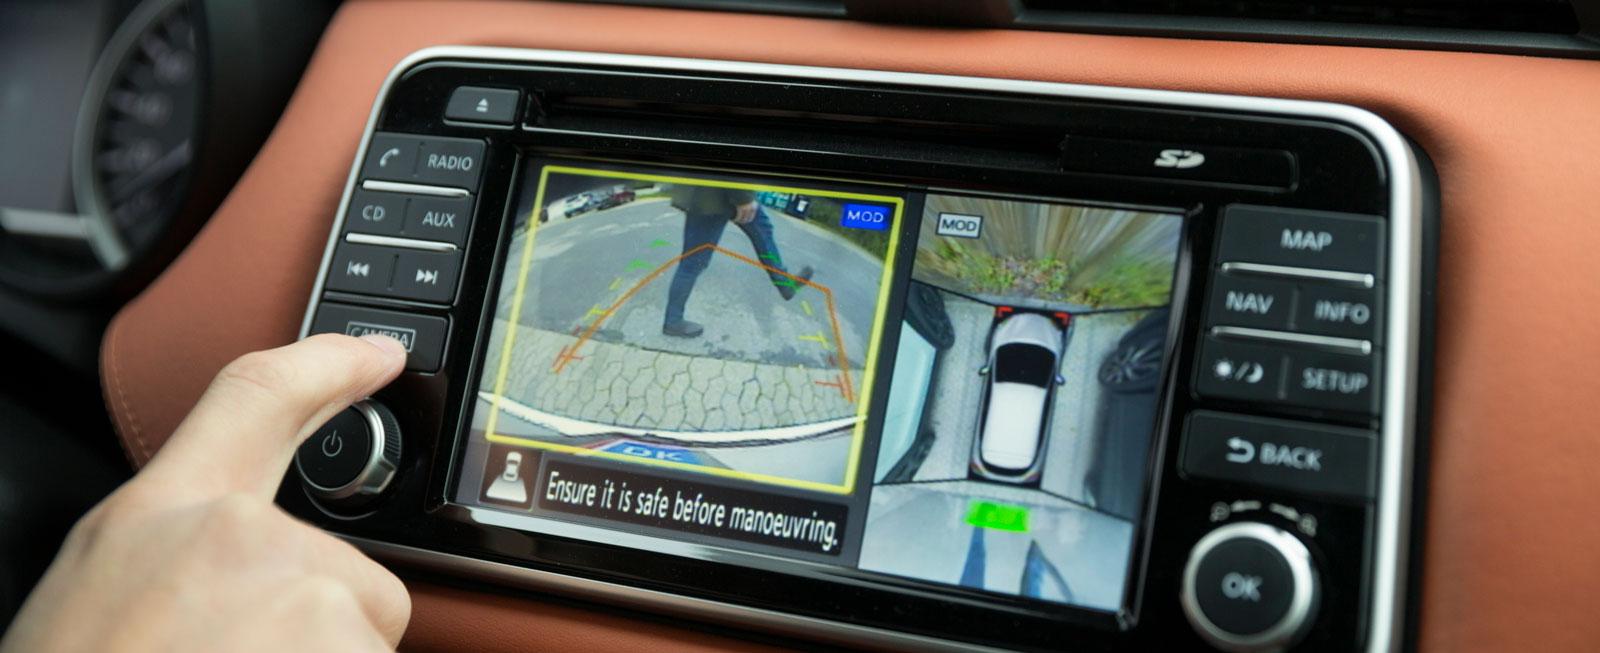 Från nivå Acenta ingår en sju tum stor pekskärm. Navigation ingår toppnivån Tekna. Väljer man 360-graderskamera ingår även dödavinkelvarnare.